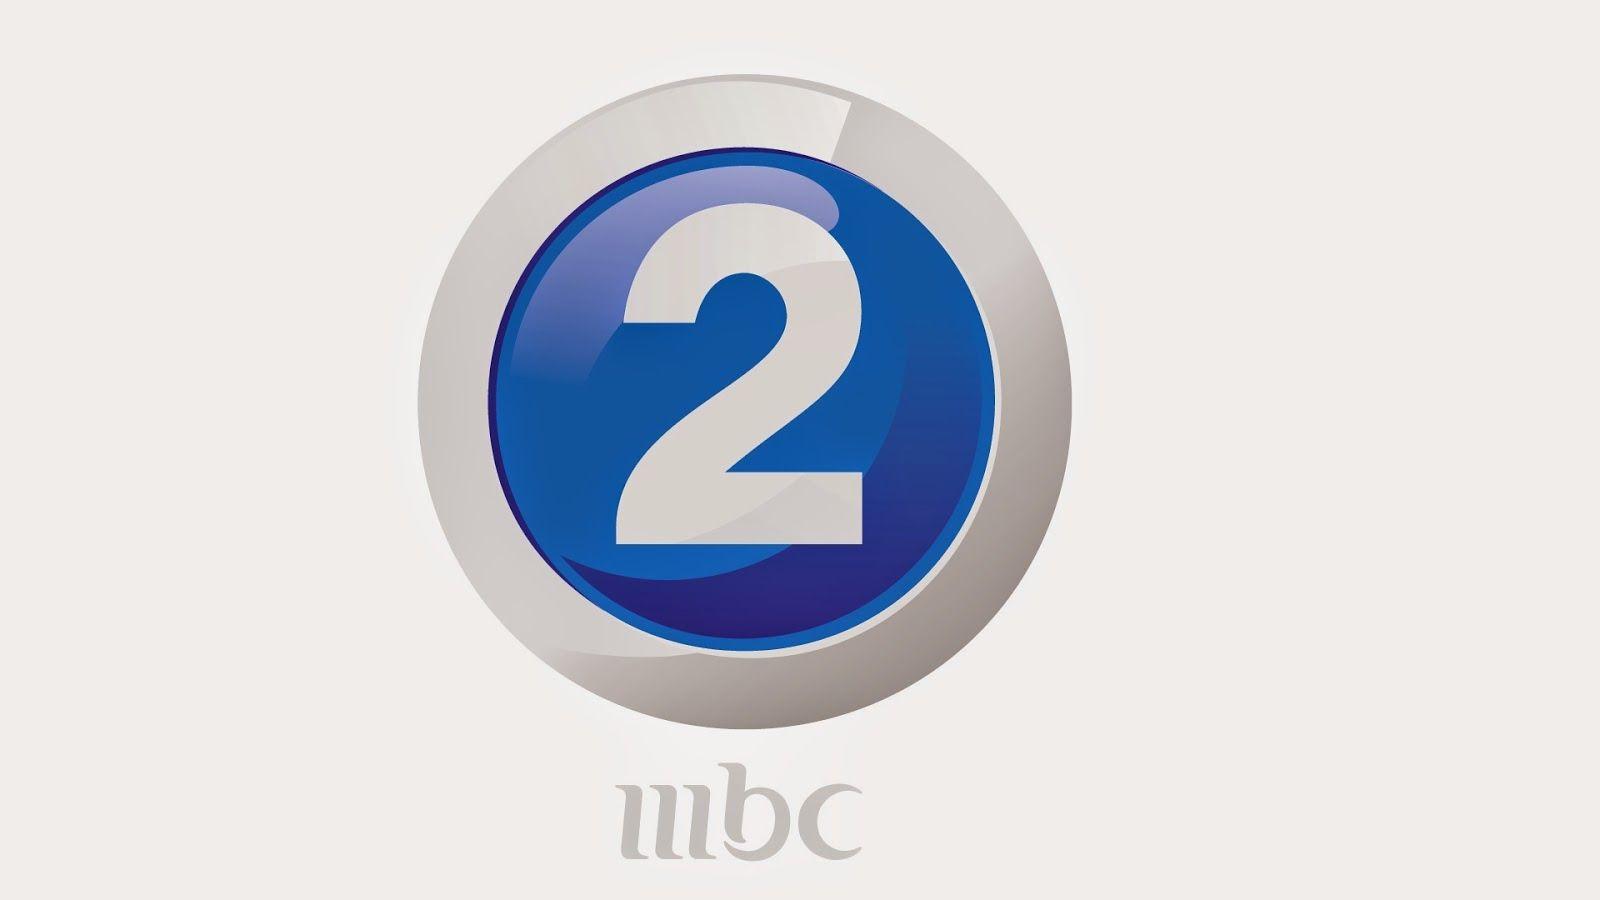 تردد قناة ام بي سي 2 الجديد Mbc2 على النايل سات وعرب سات